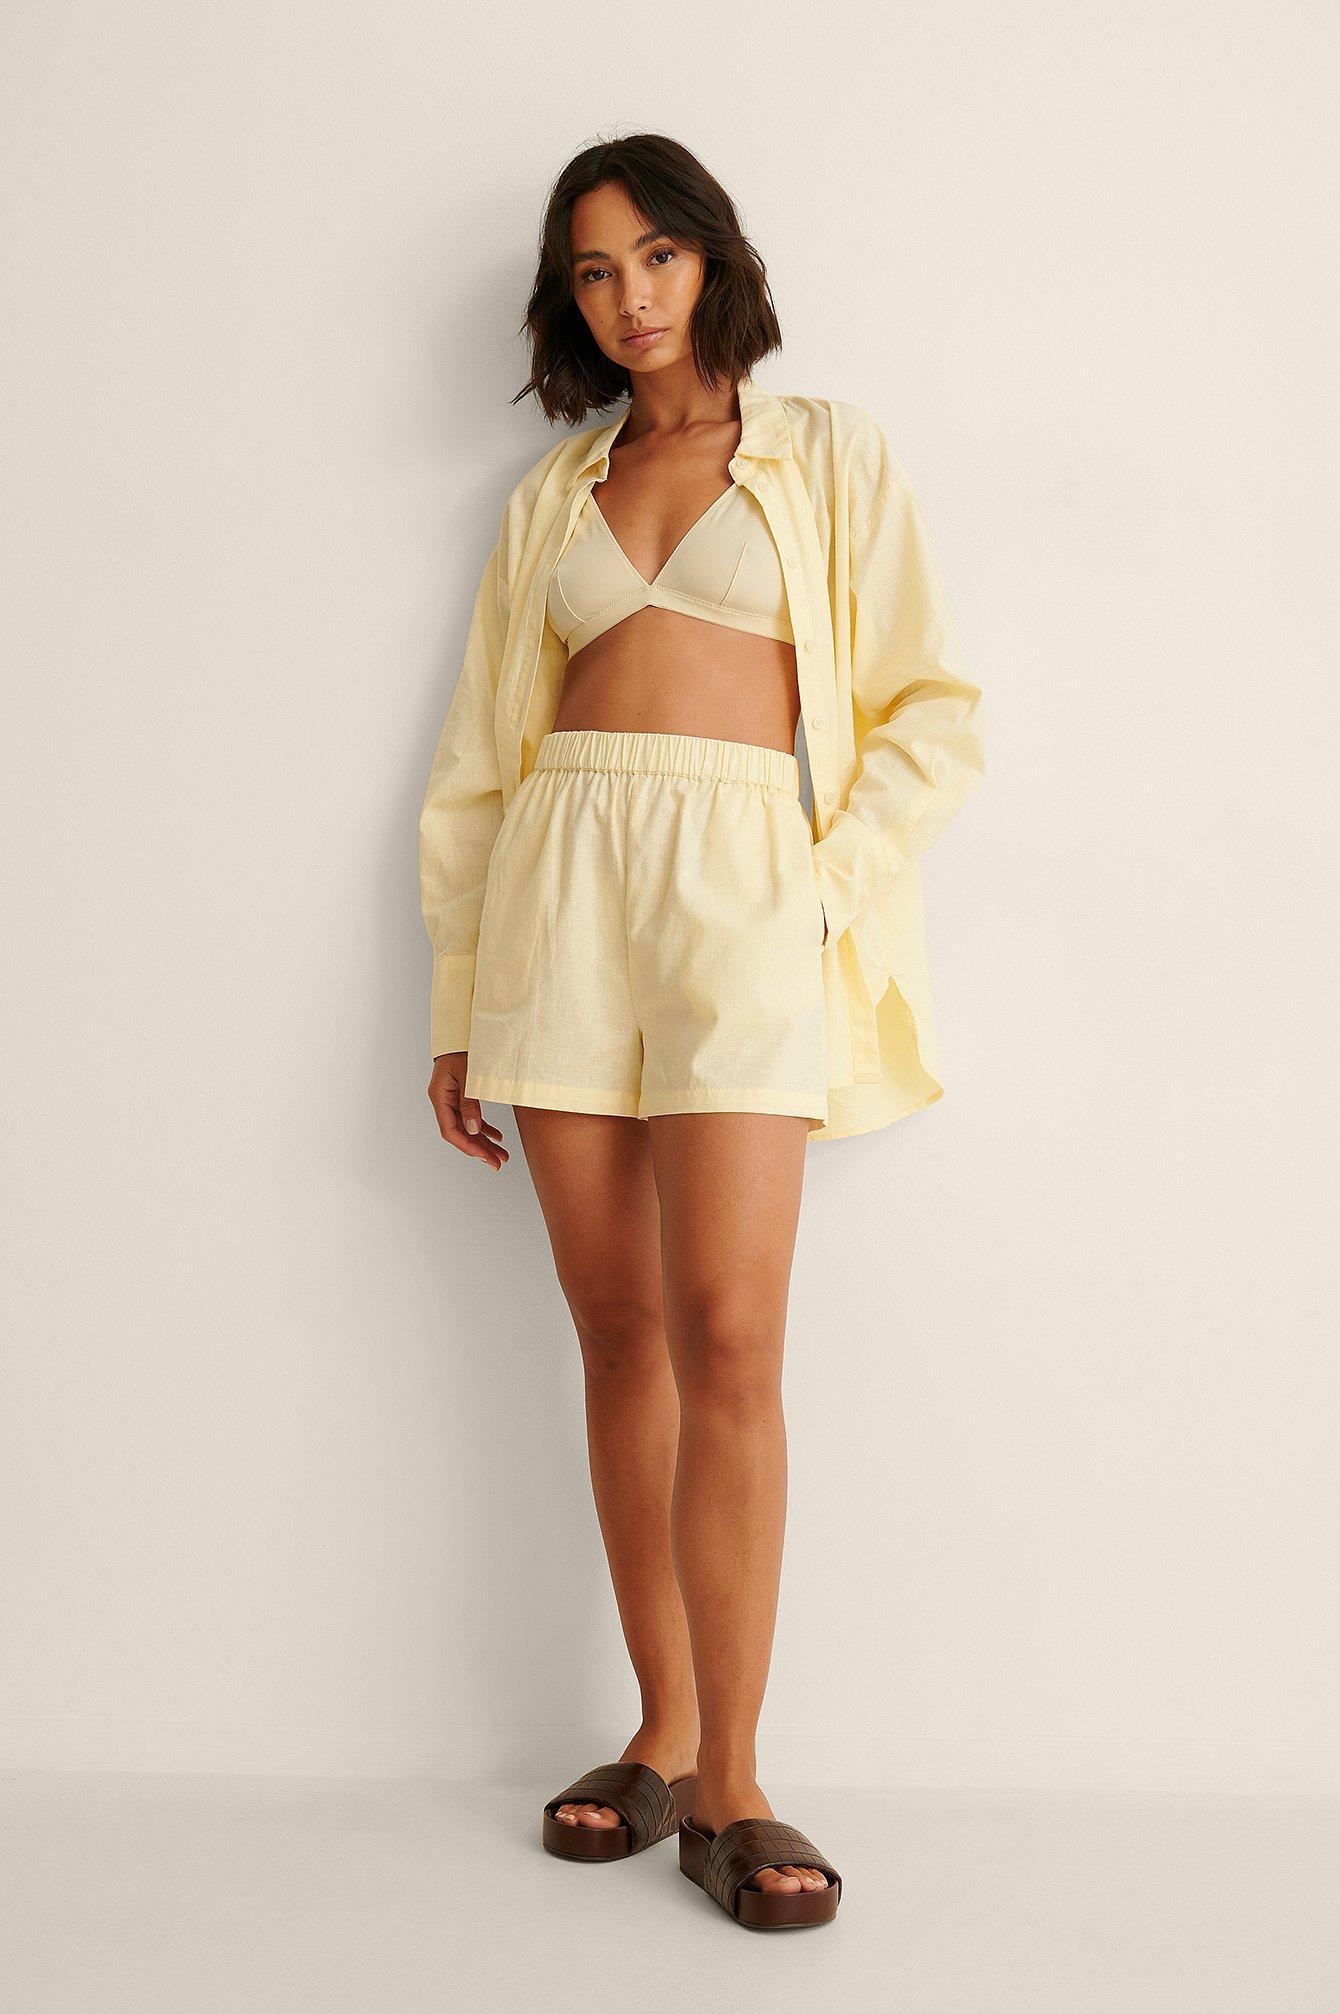 Linen Blend Relaxed Shorts $41.95